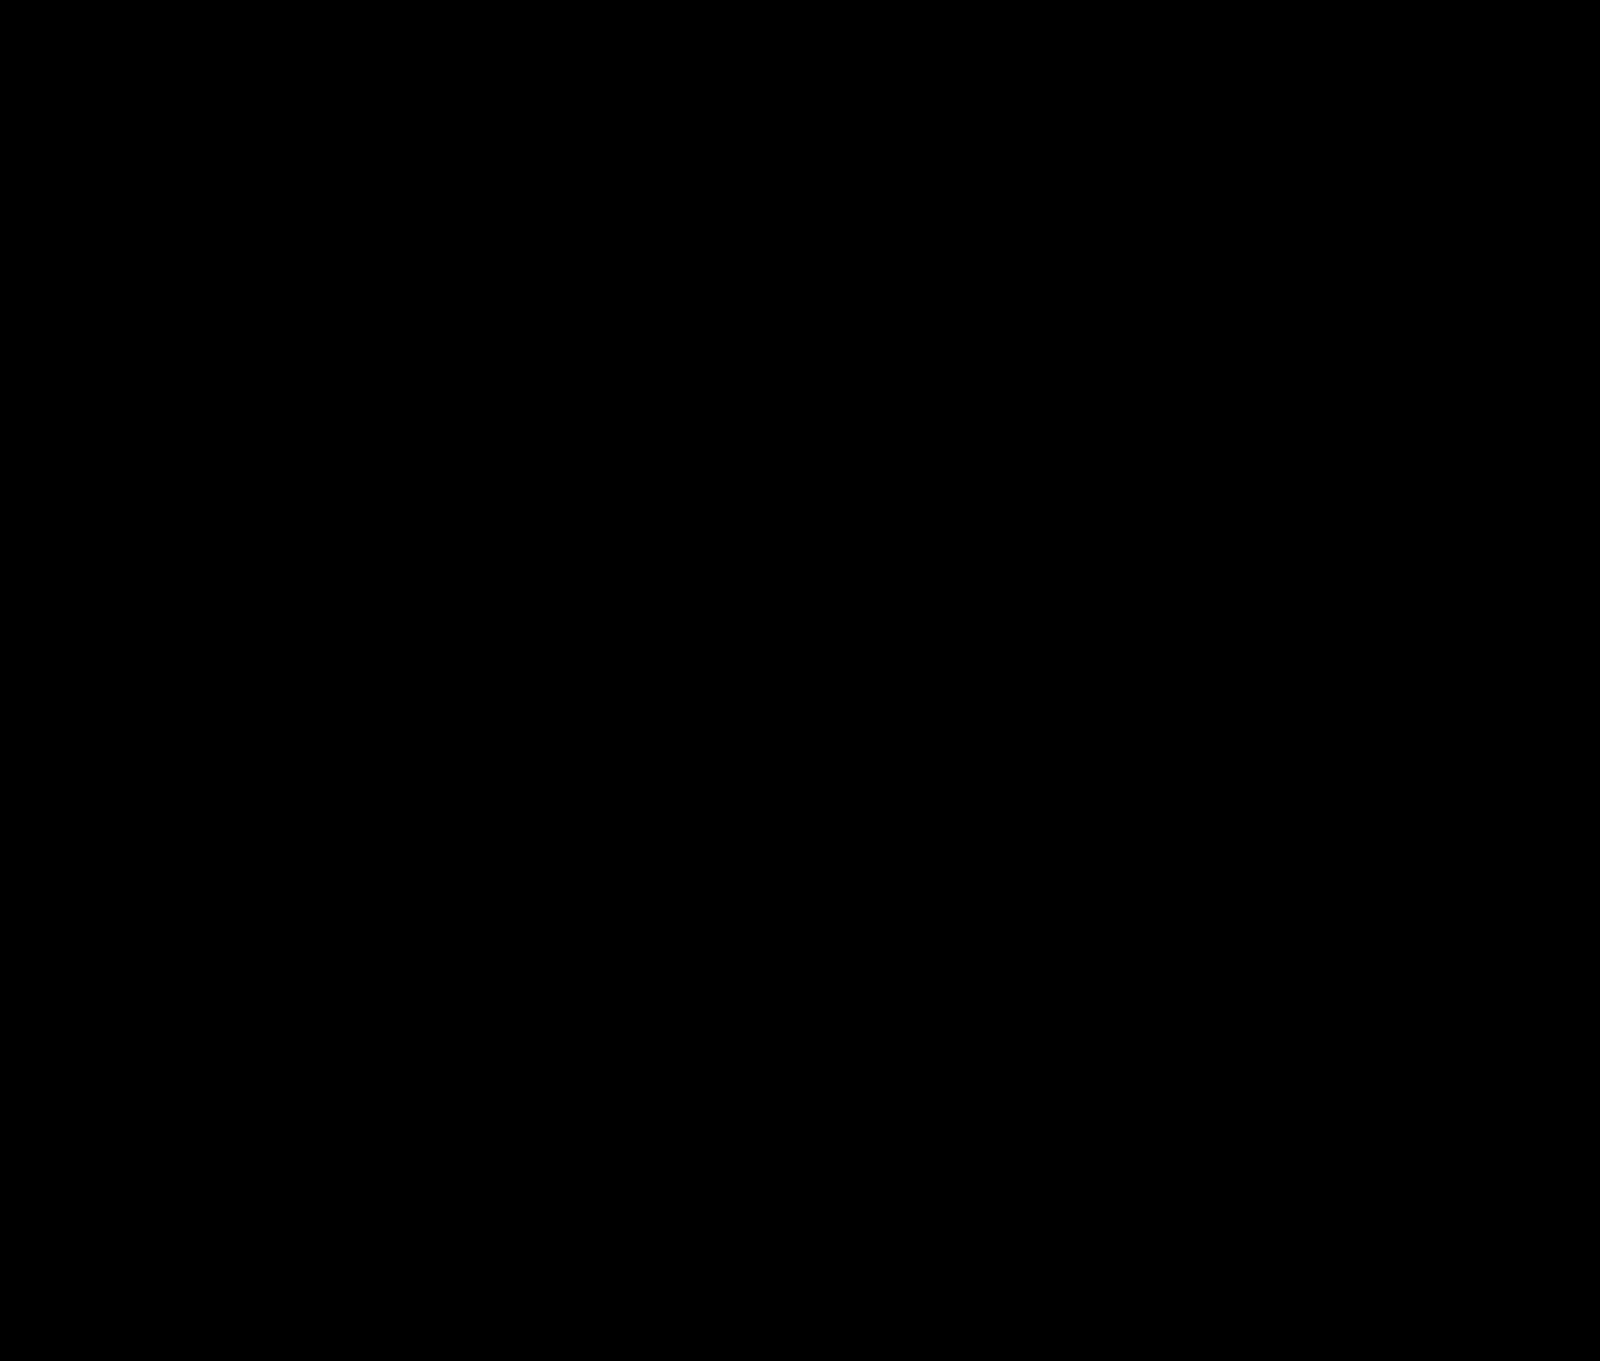 Shire Paard Kleurplaat Horse Head Line Drawing